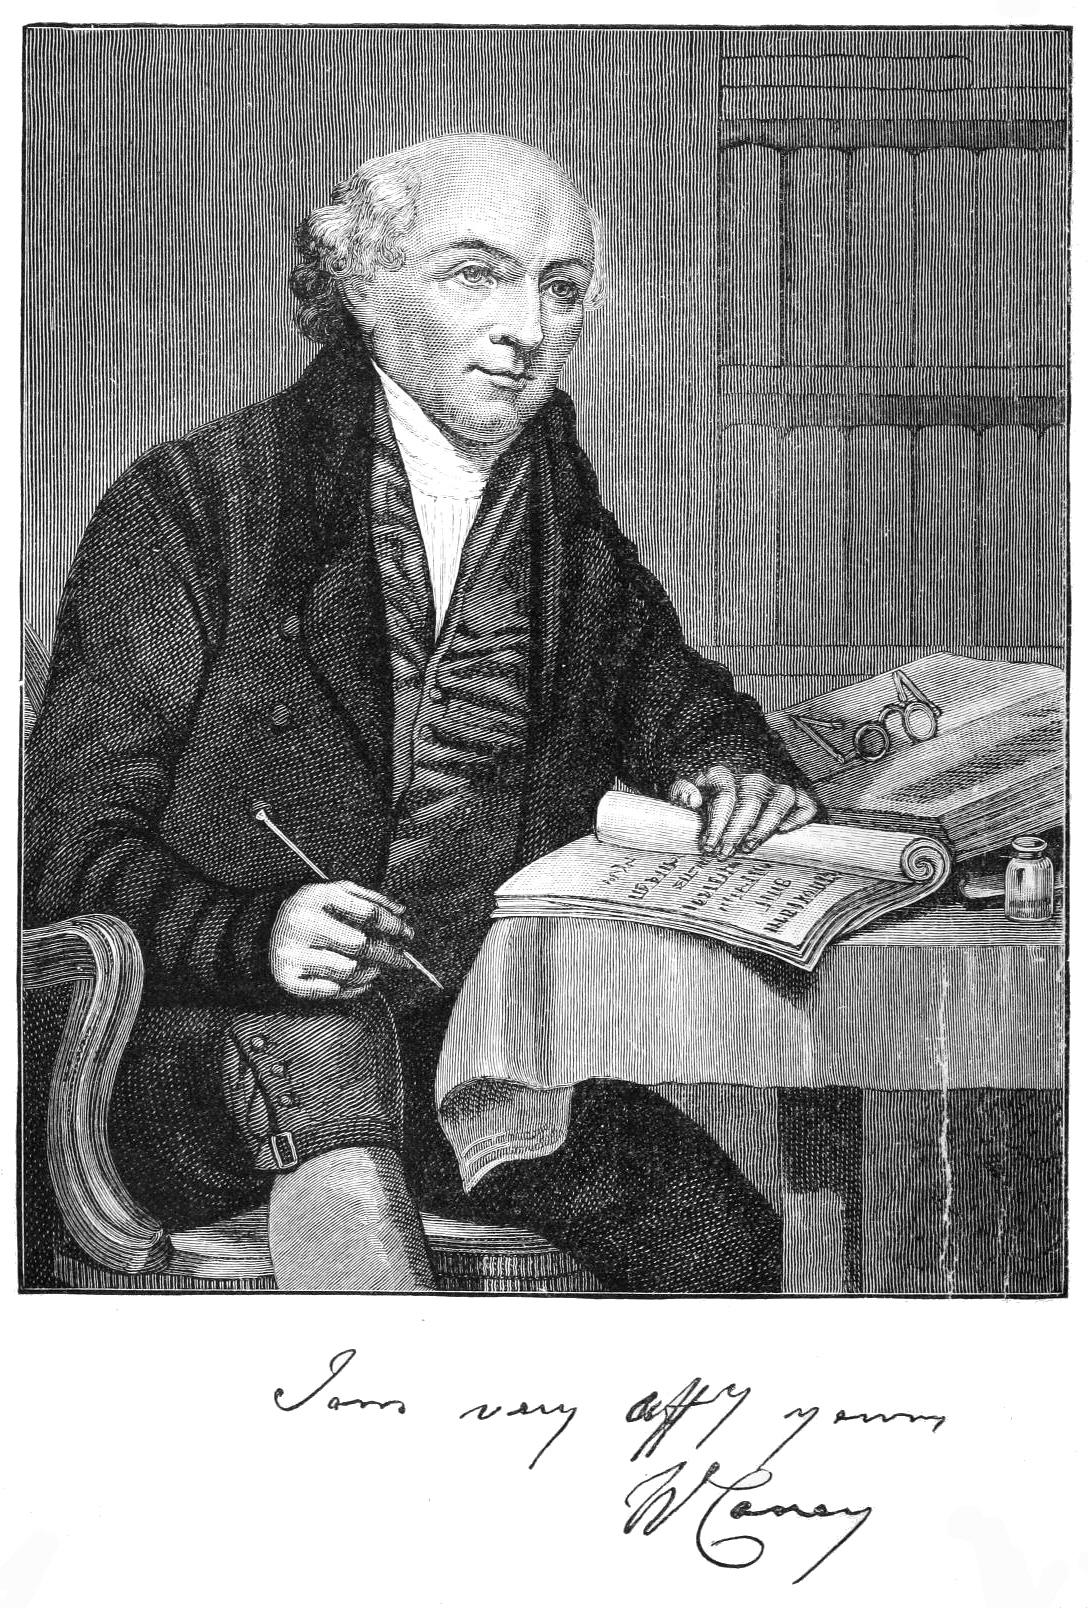 Portrait of William Carey